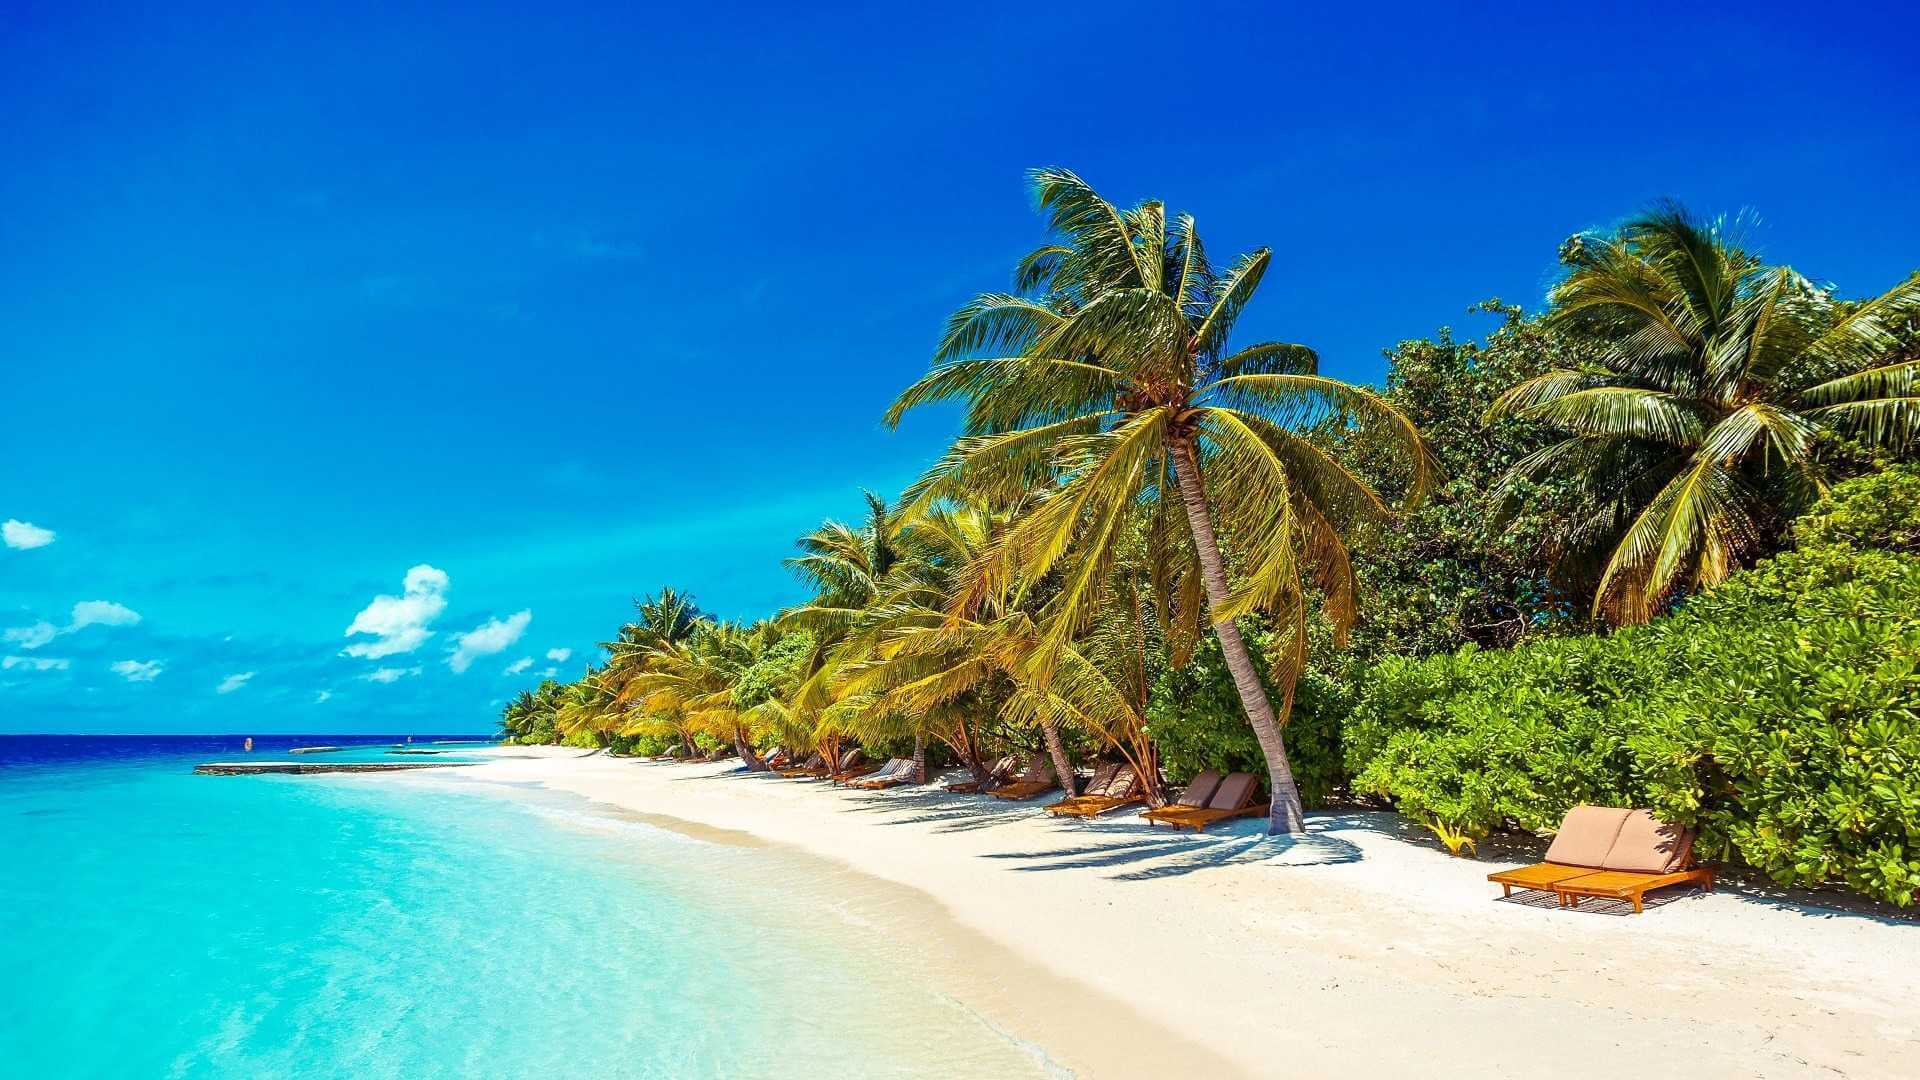 Lily Beach Resort e Spa 5* - Foto della spiaggia con vegetazione e sdraio